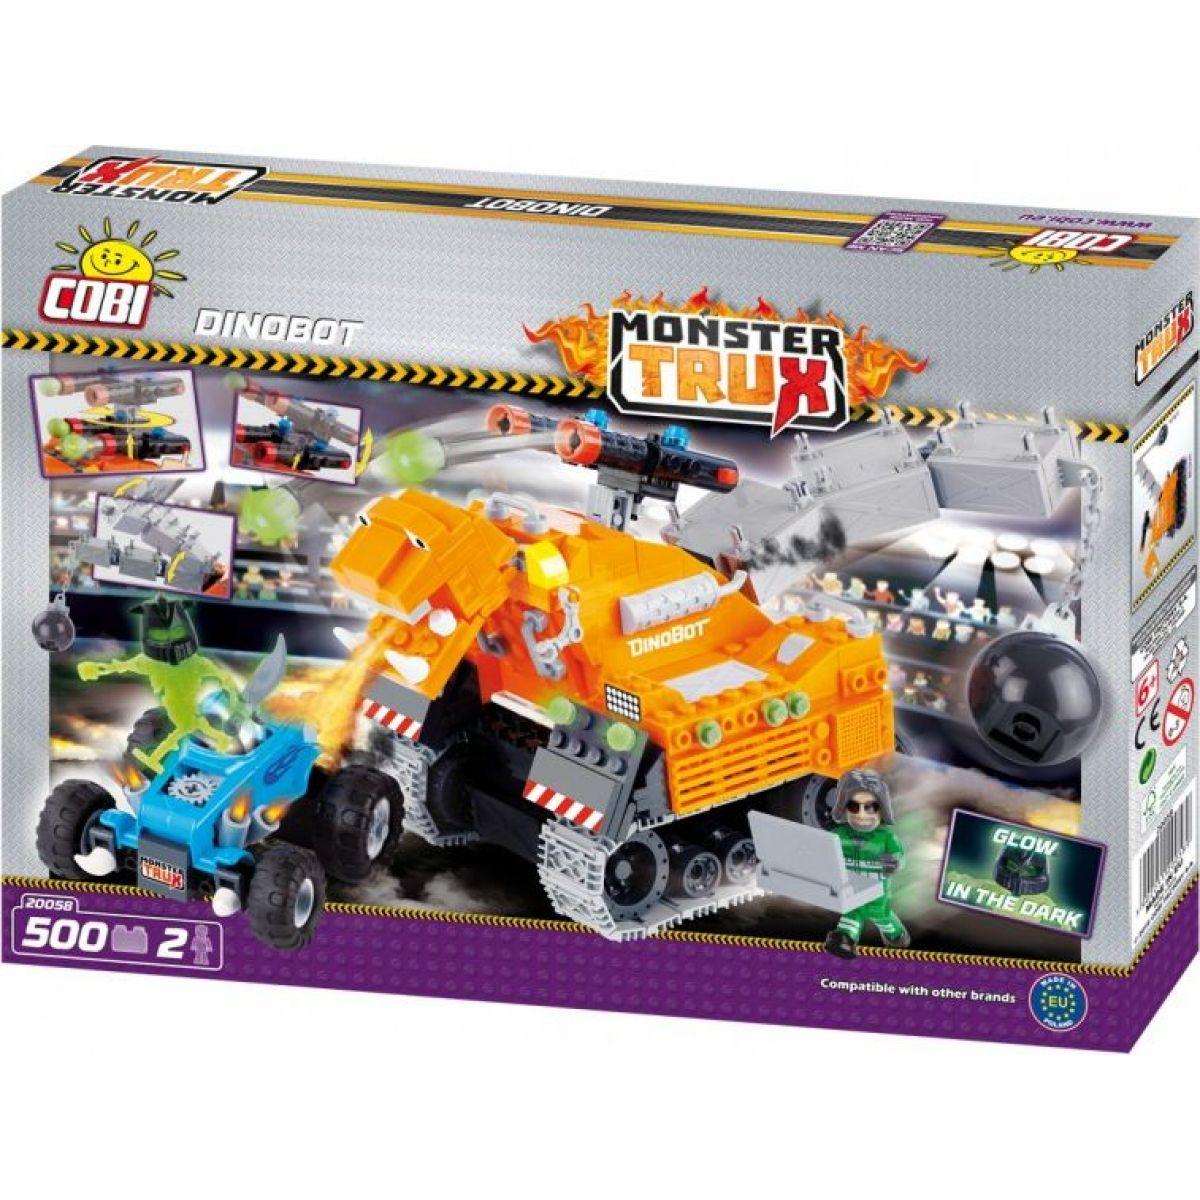 Cobi Monster Trux 20058 Dinobot